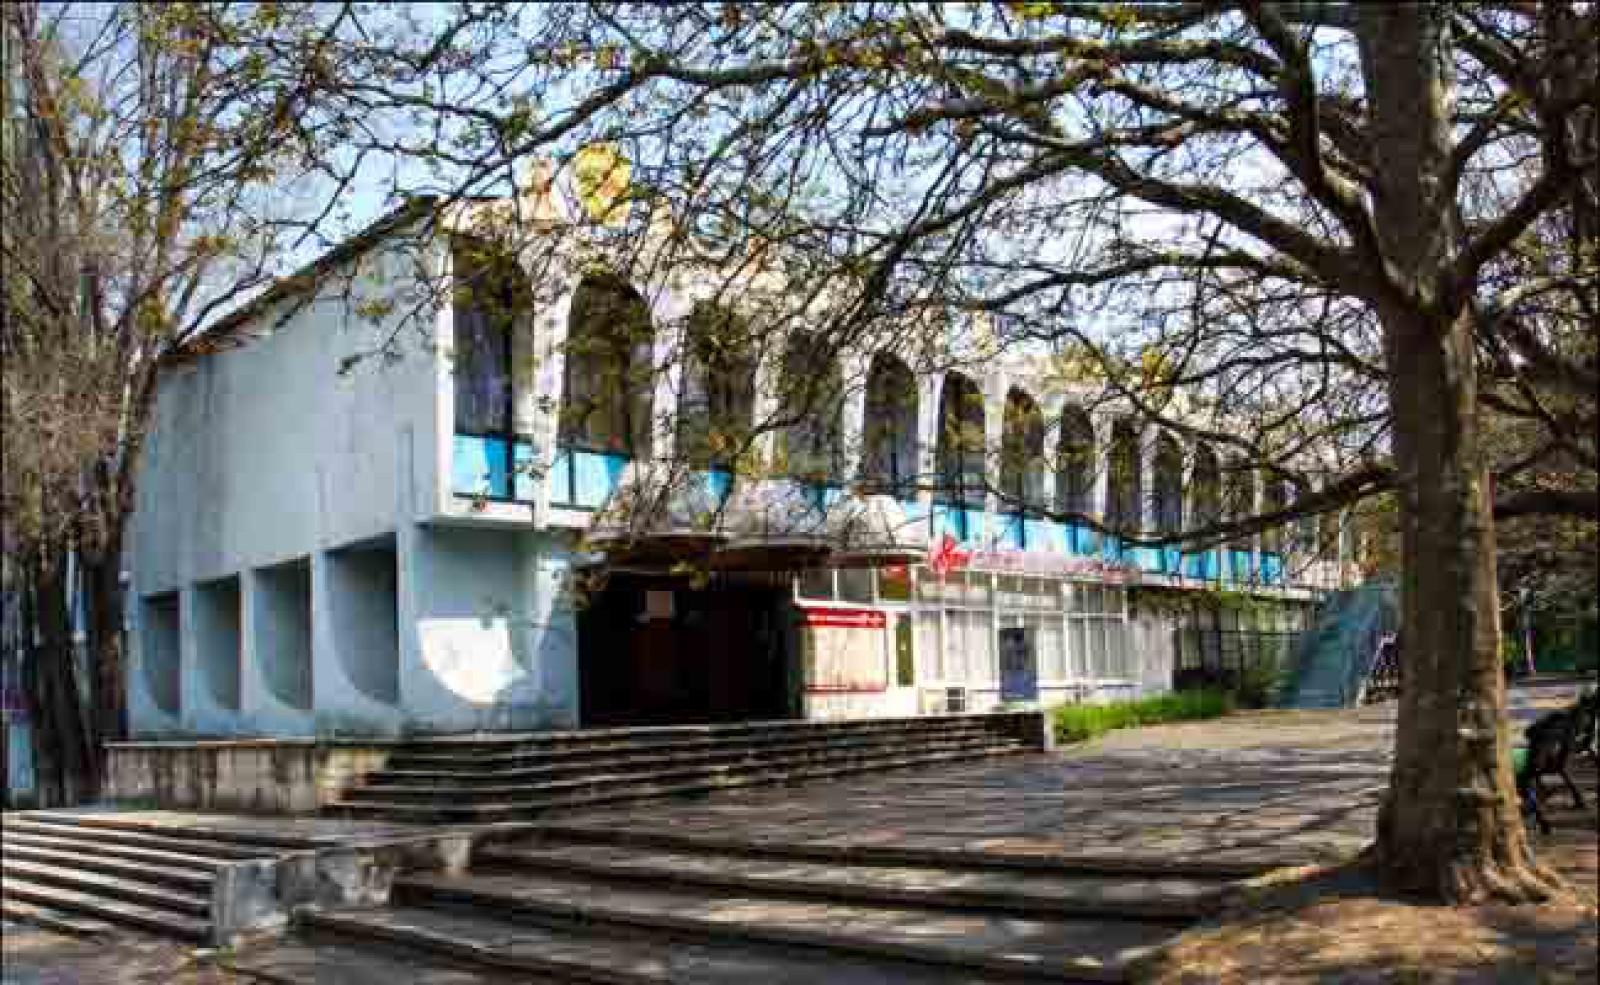 """Ziarul de gardă: Instanța a decis soarta cafenelei Guguță și a imobilului cu 13 etaje din Grădina Publică """"Ștefan cel Mare și Sfânt"""""""